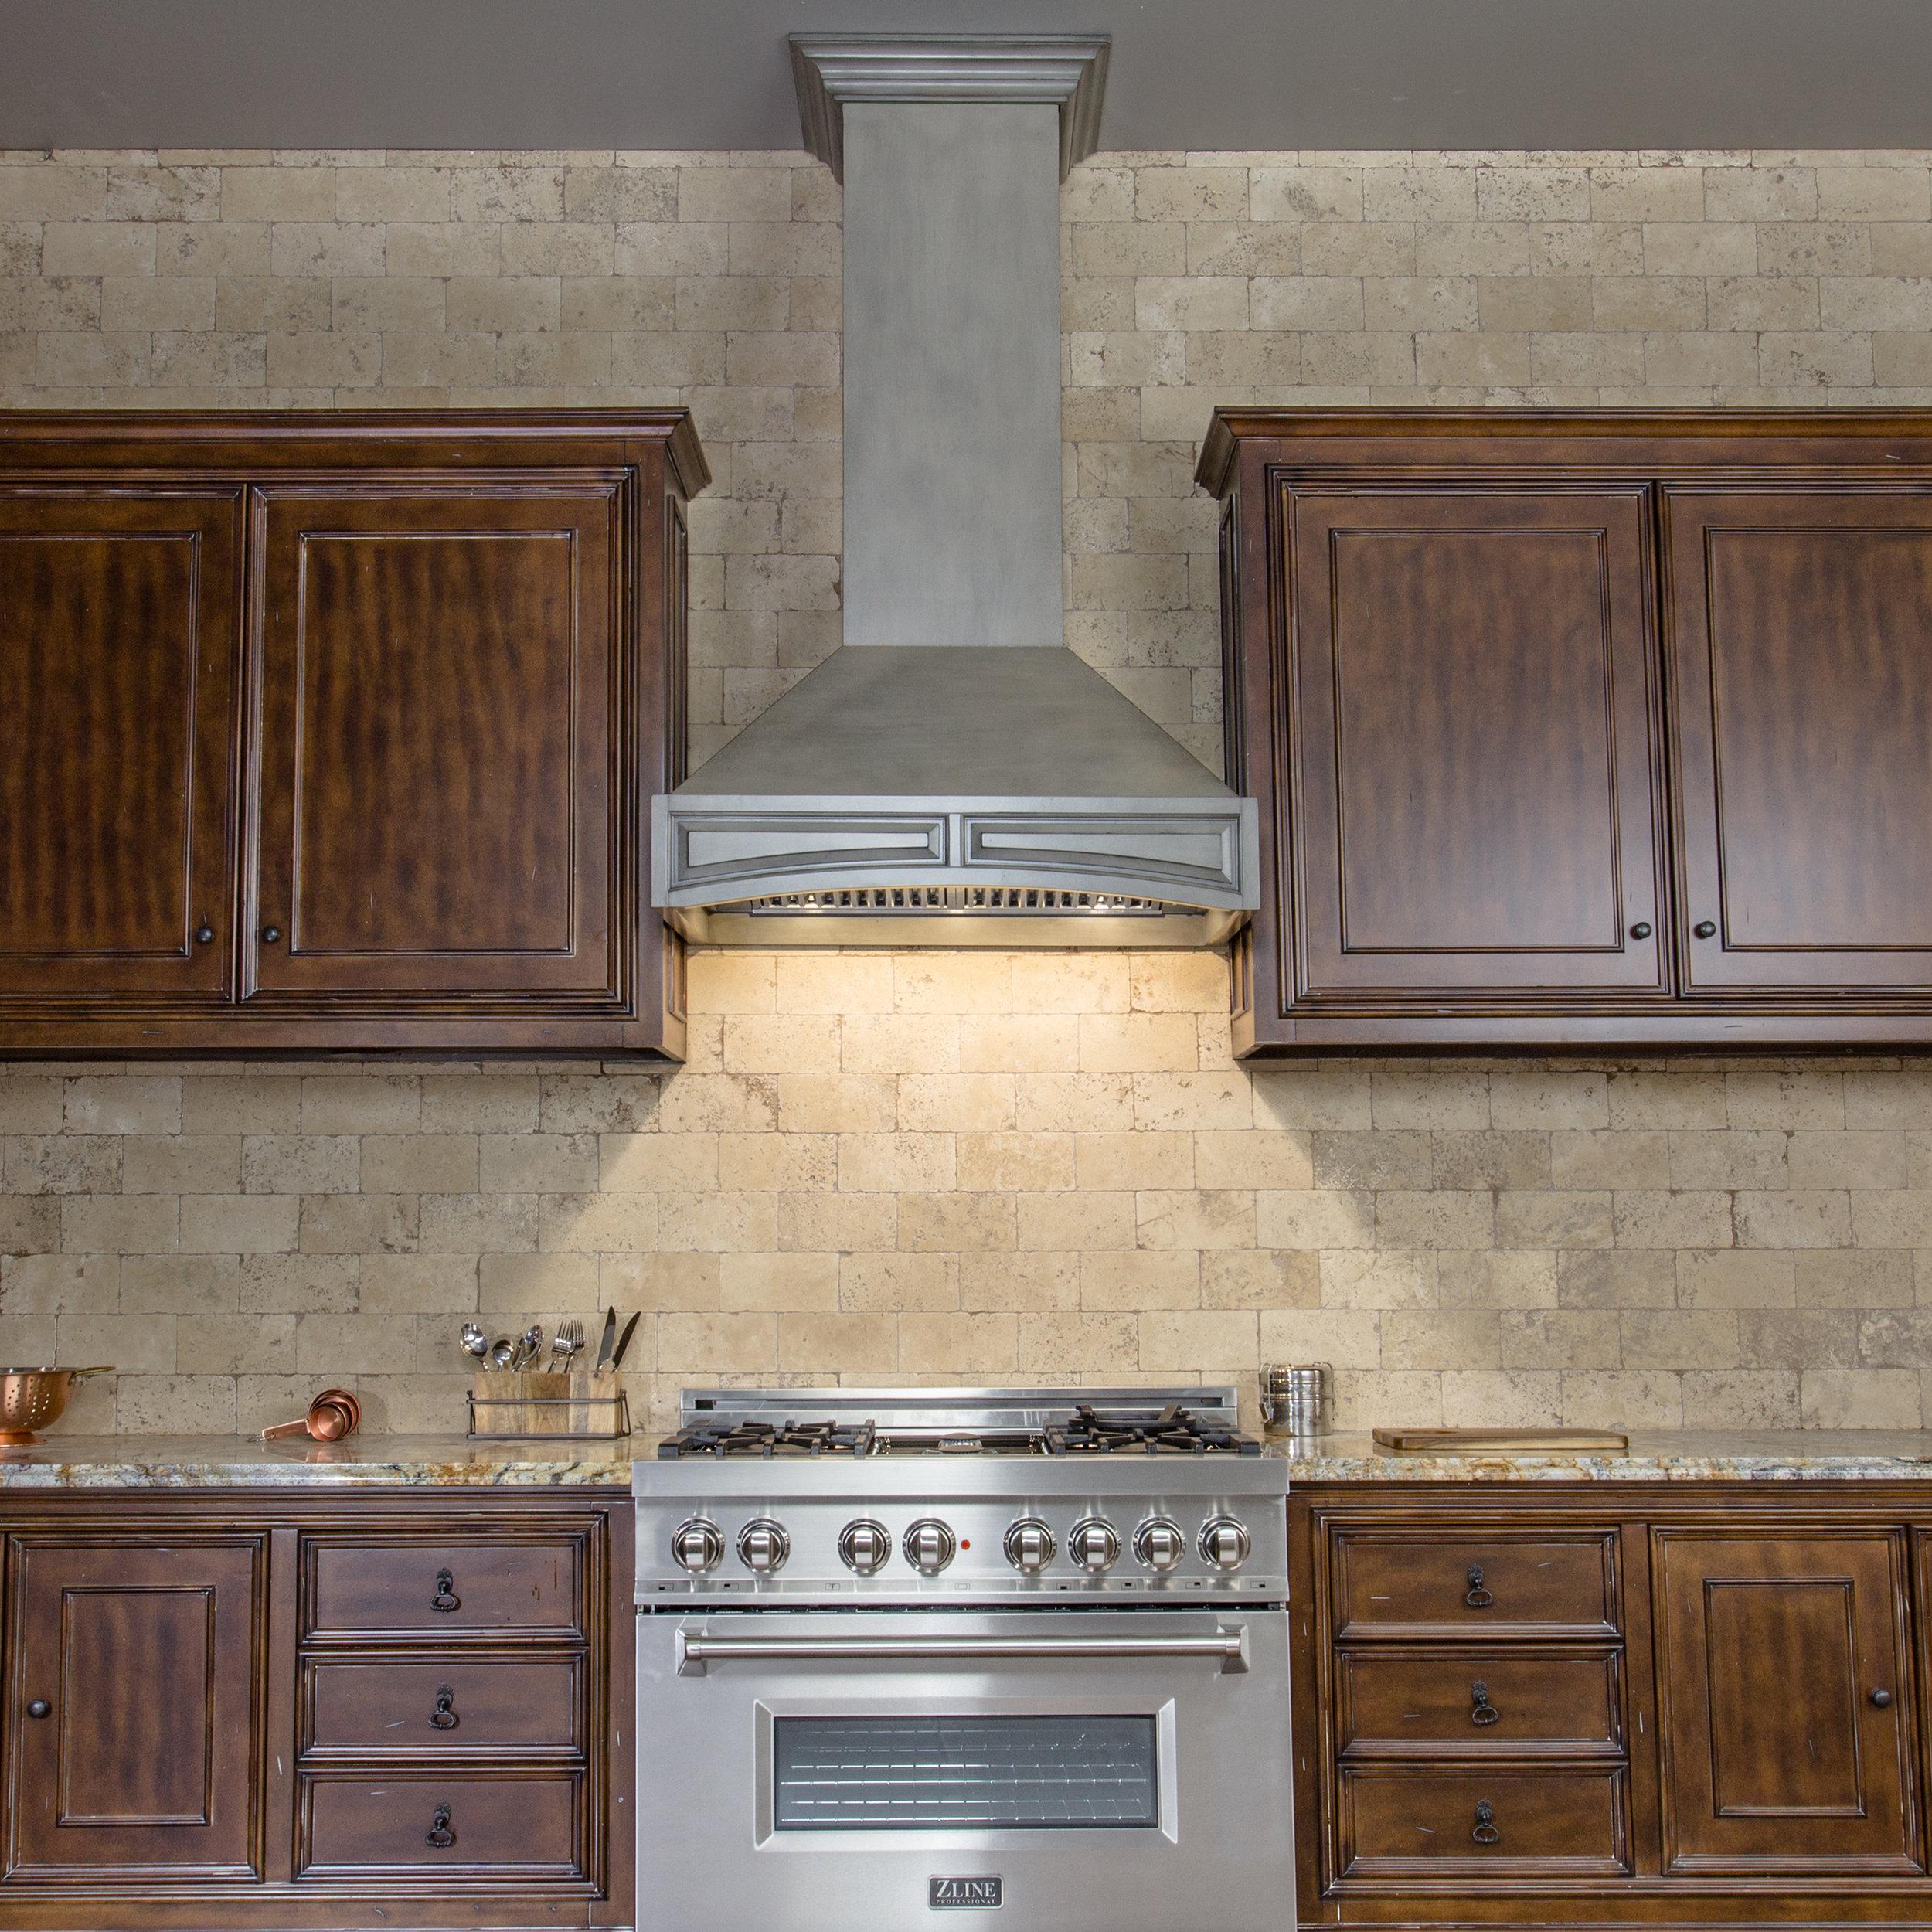 zline-designer-wood-range-hood-321GG-kitchen-2.jpg